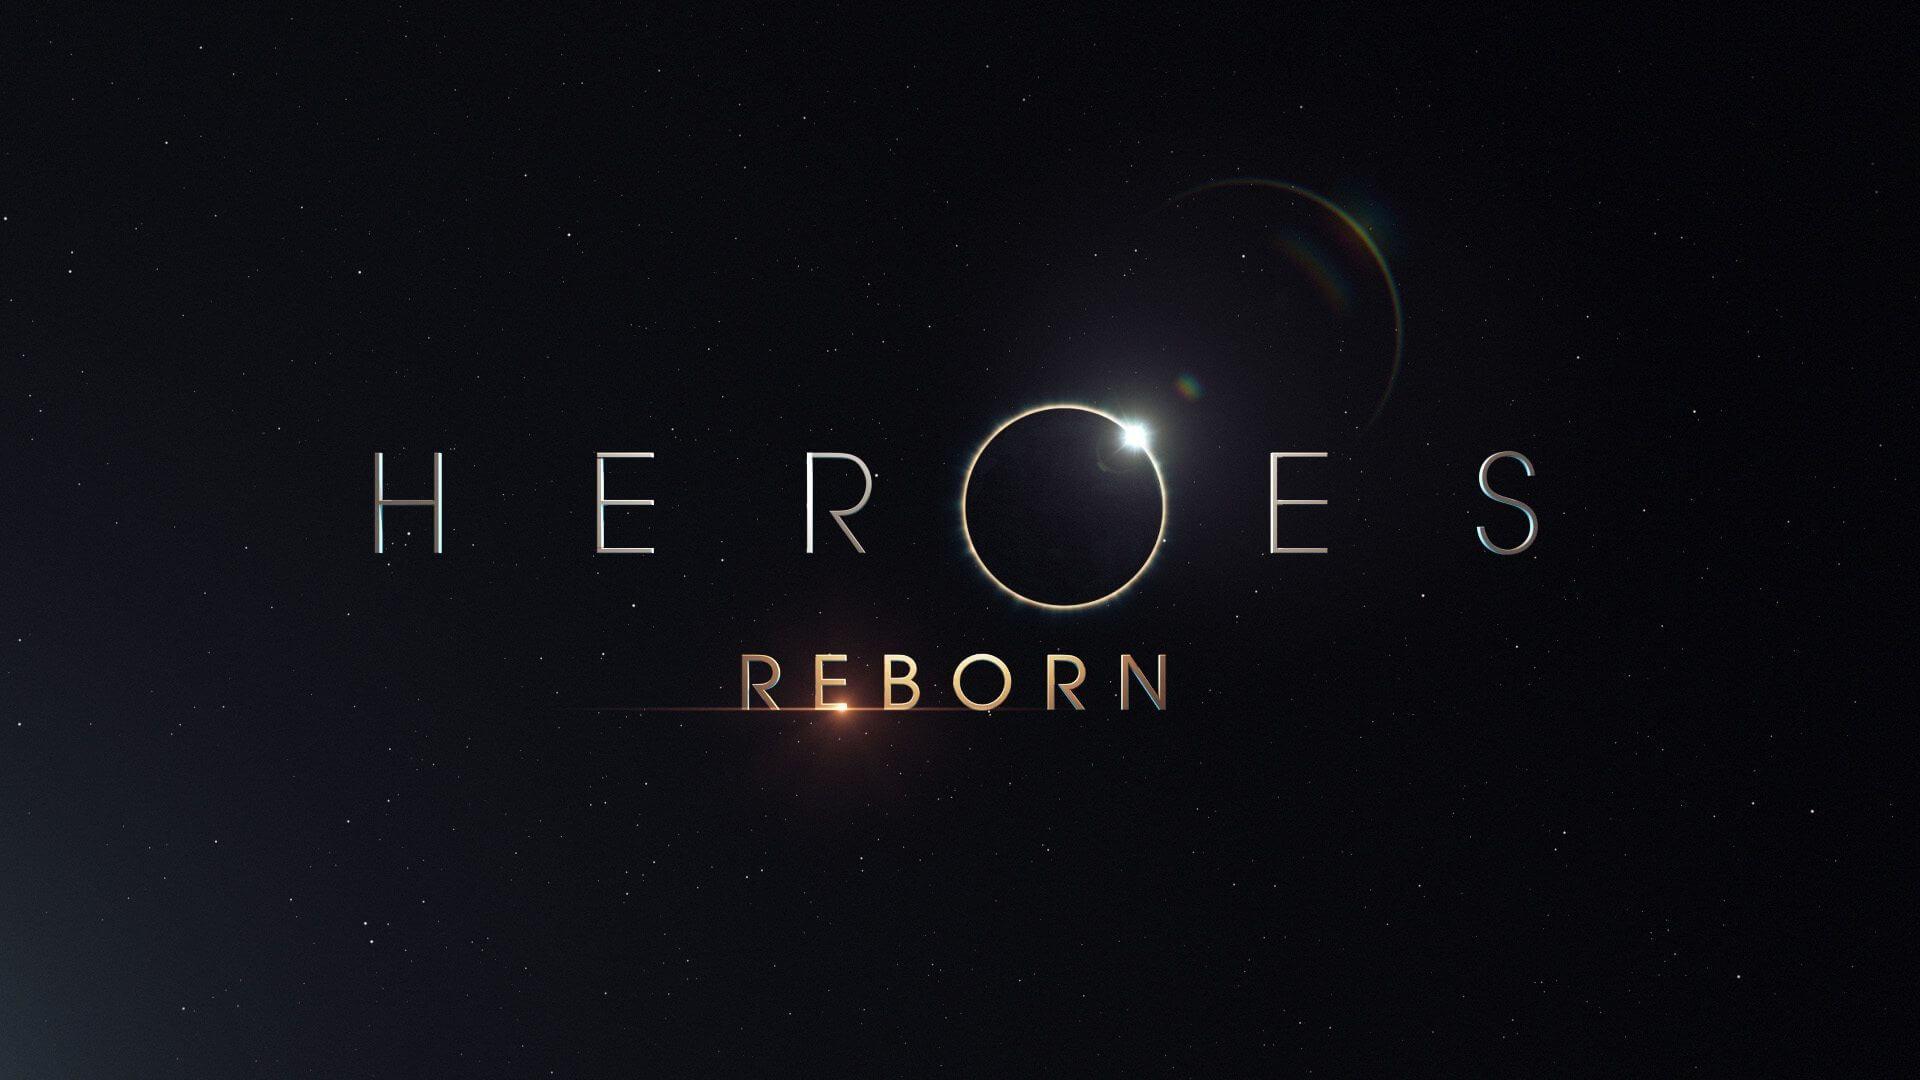 heroes reborn 2015 - Heroes Reborn: Heroes retorna em 2015! Zachary Levi fará parte do elenco